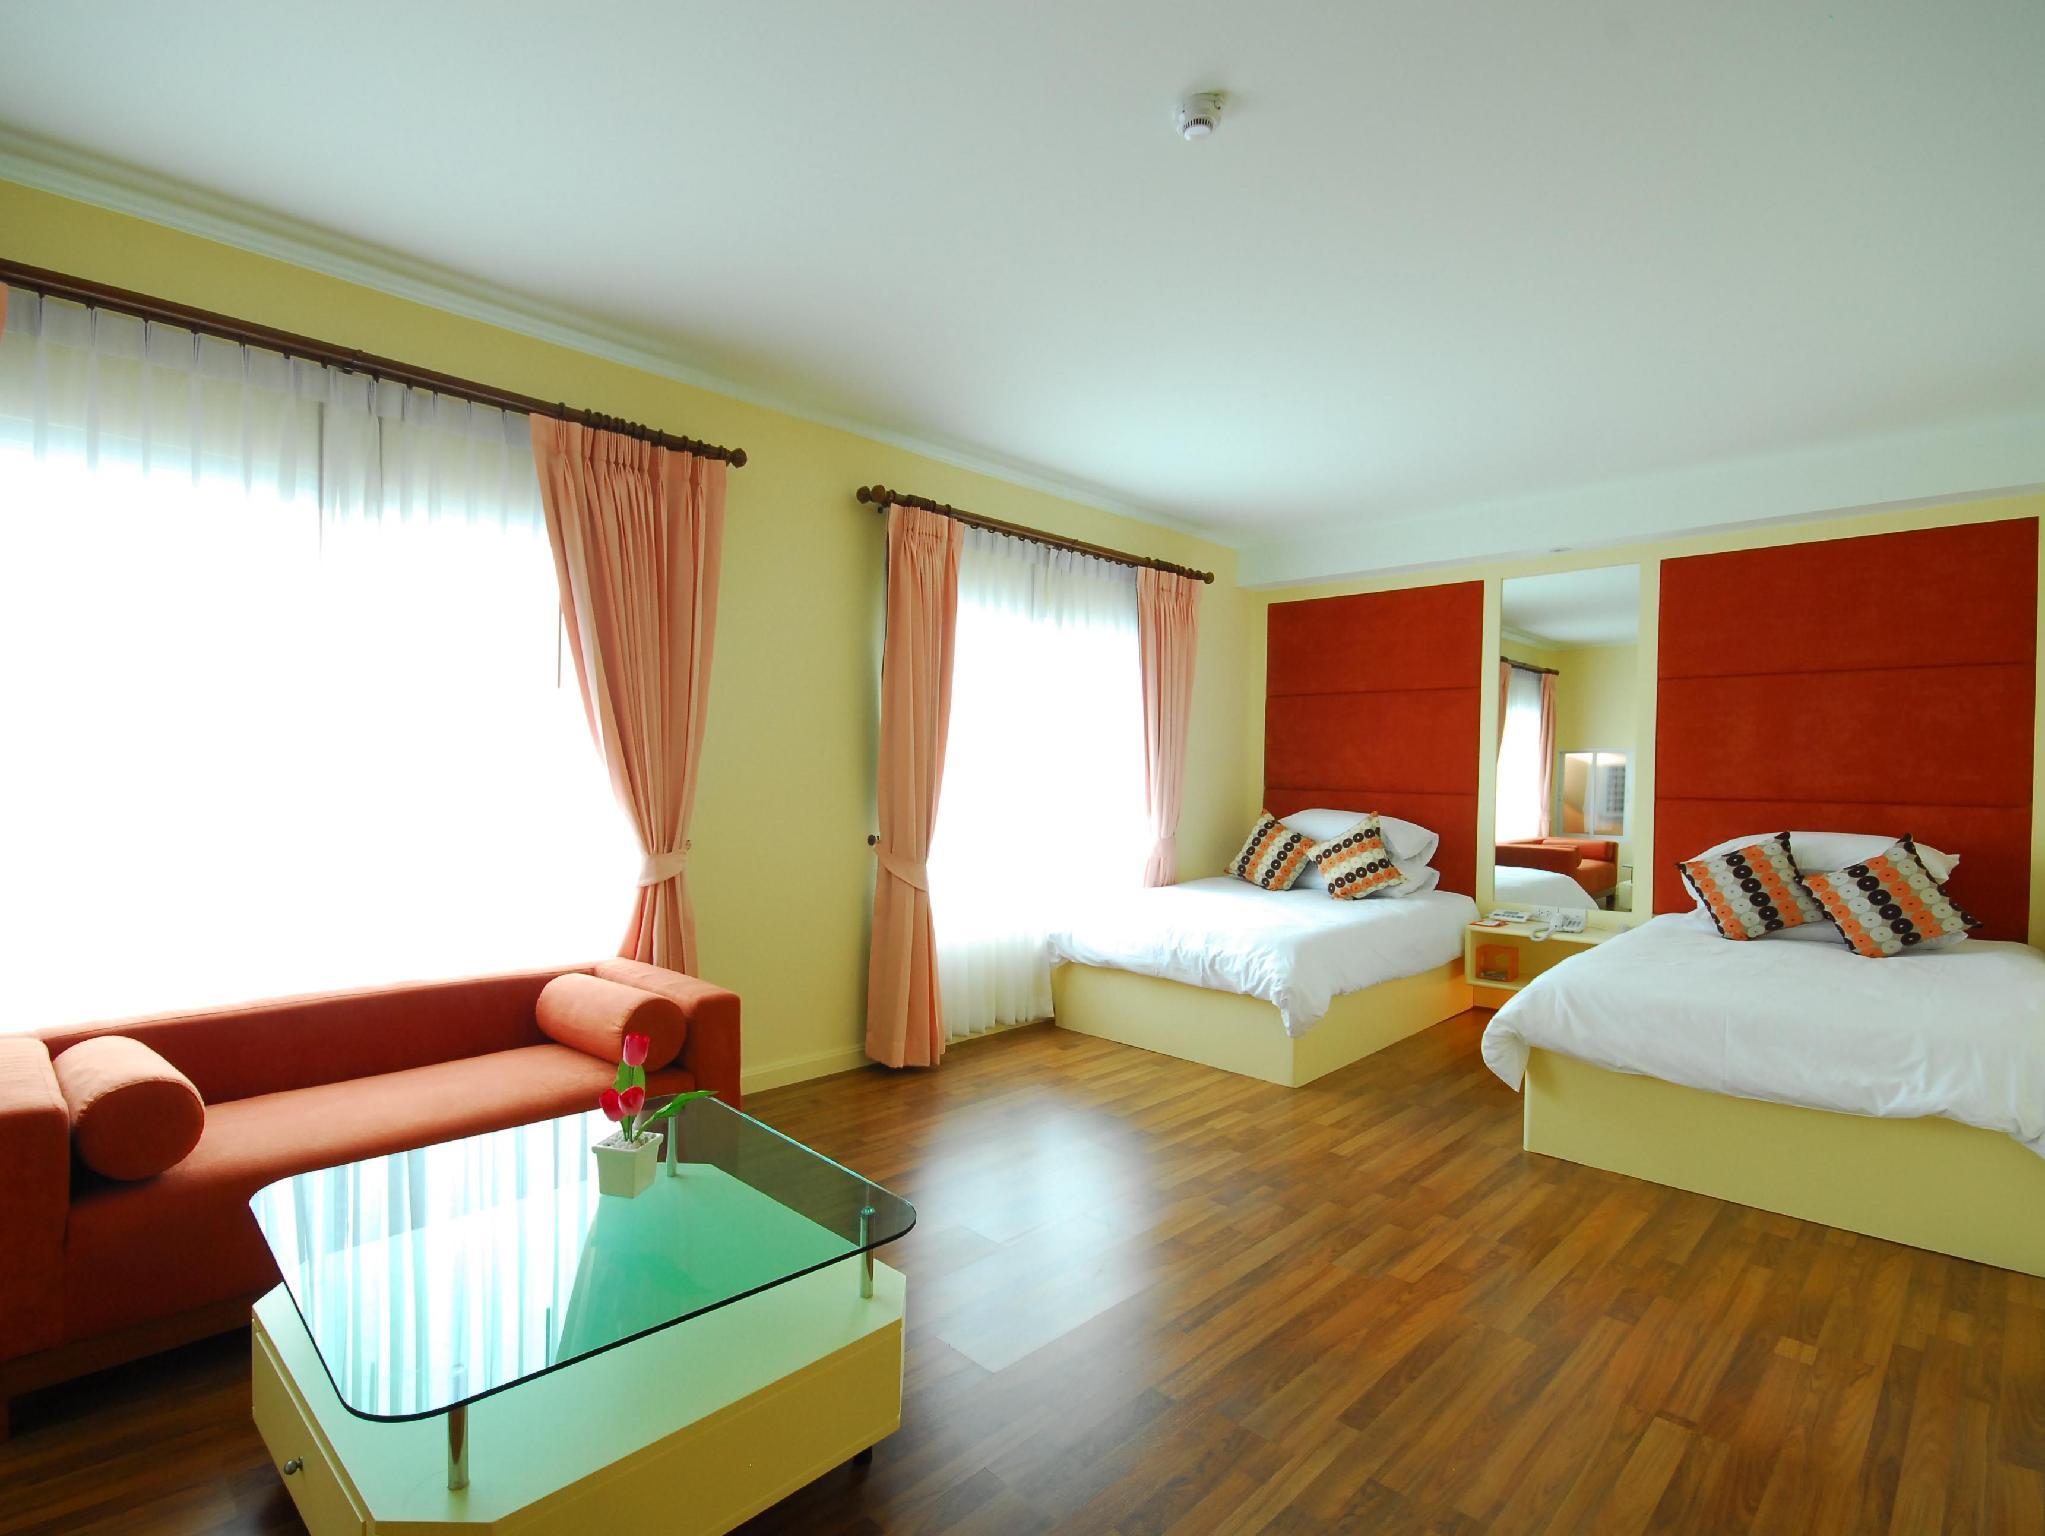 โรงแรมฮิพ กรุงเทพ